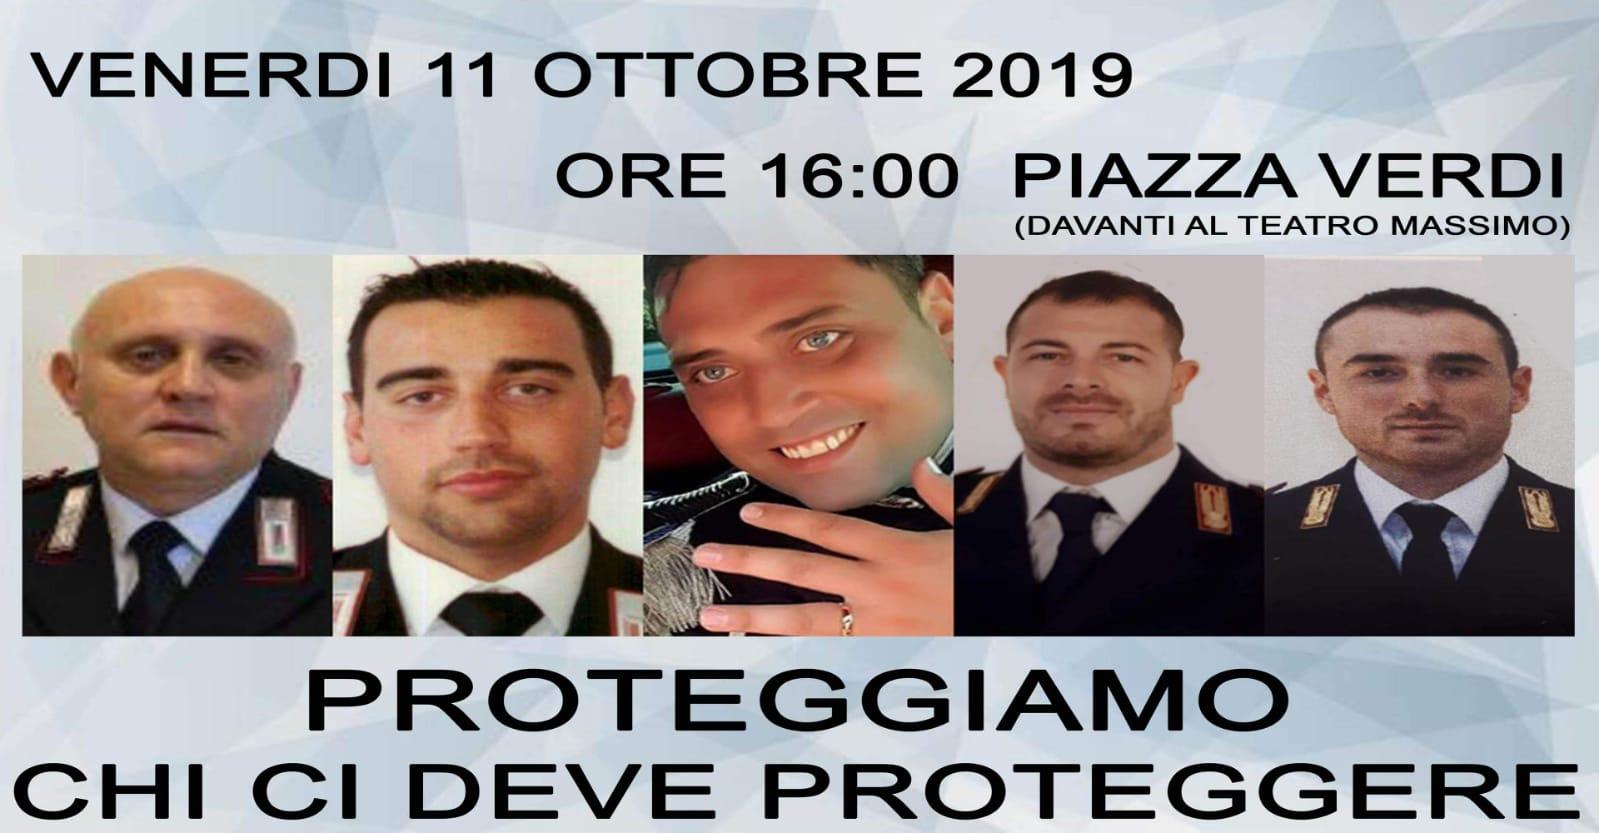 Poliziotti uccisi a Trieste, a Palermo un corteo per le forze dell'ordine